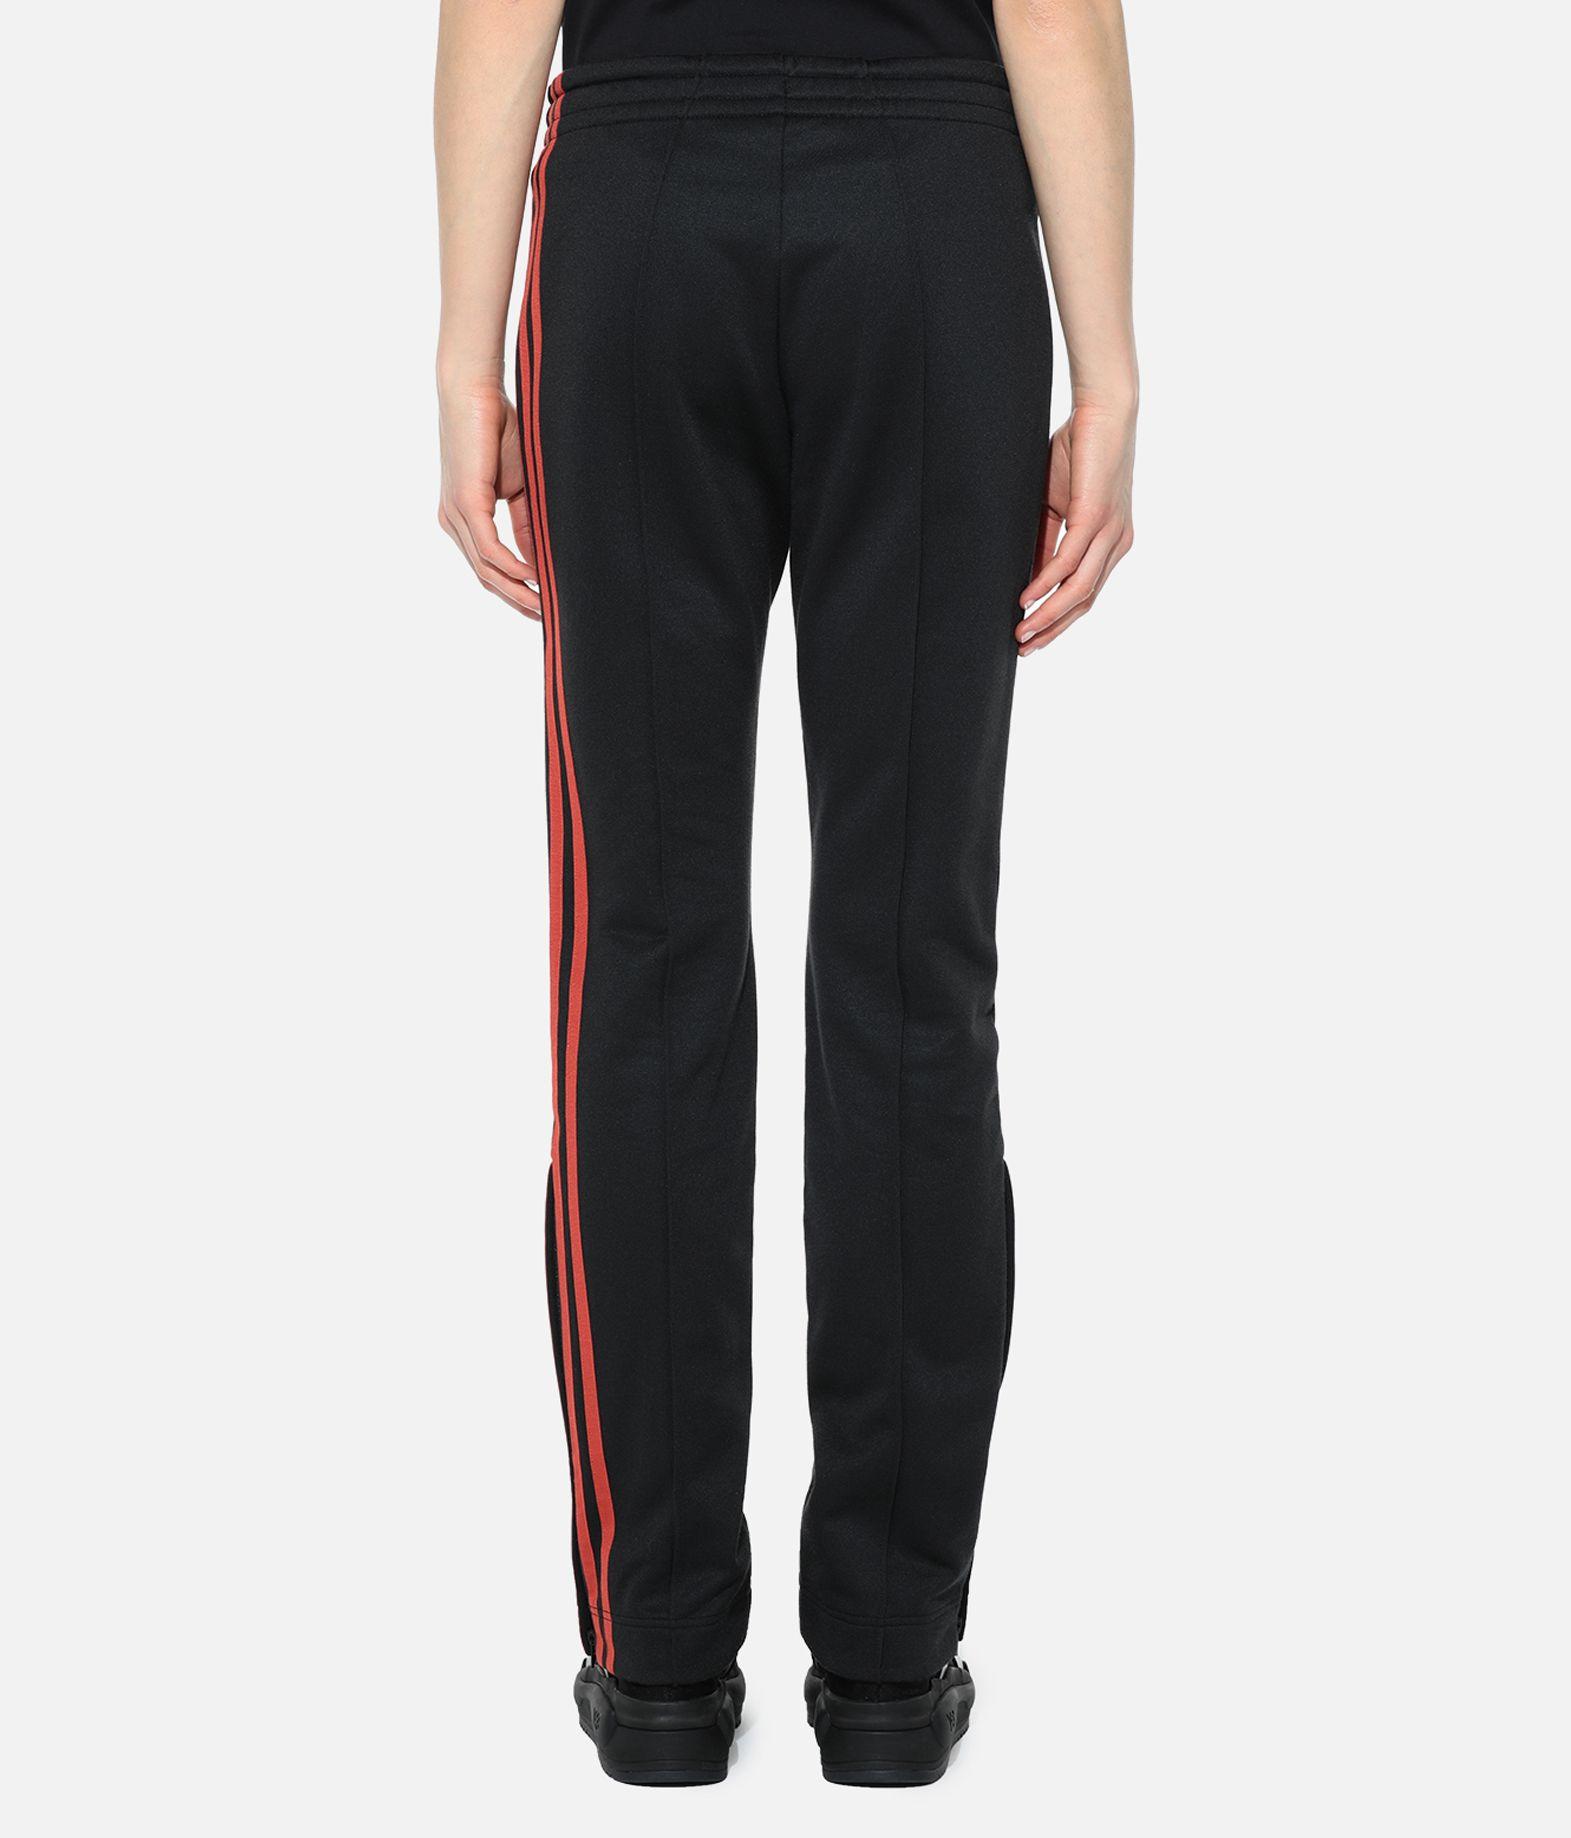 Y-3 Y-3 3-Stripes Slim Track Pants Track pant Woman d